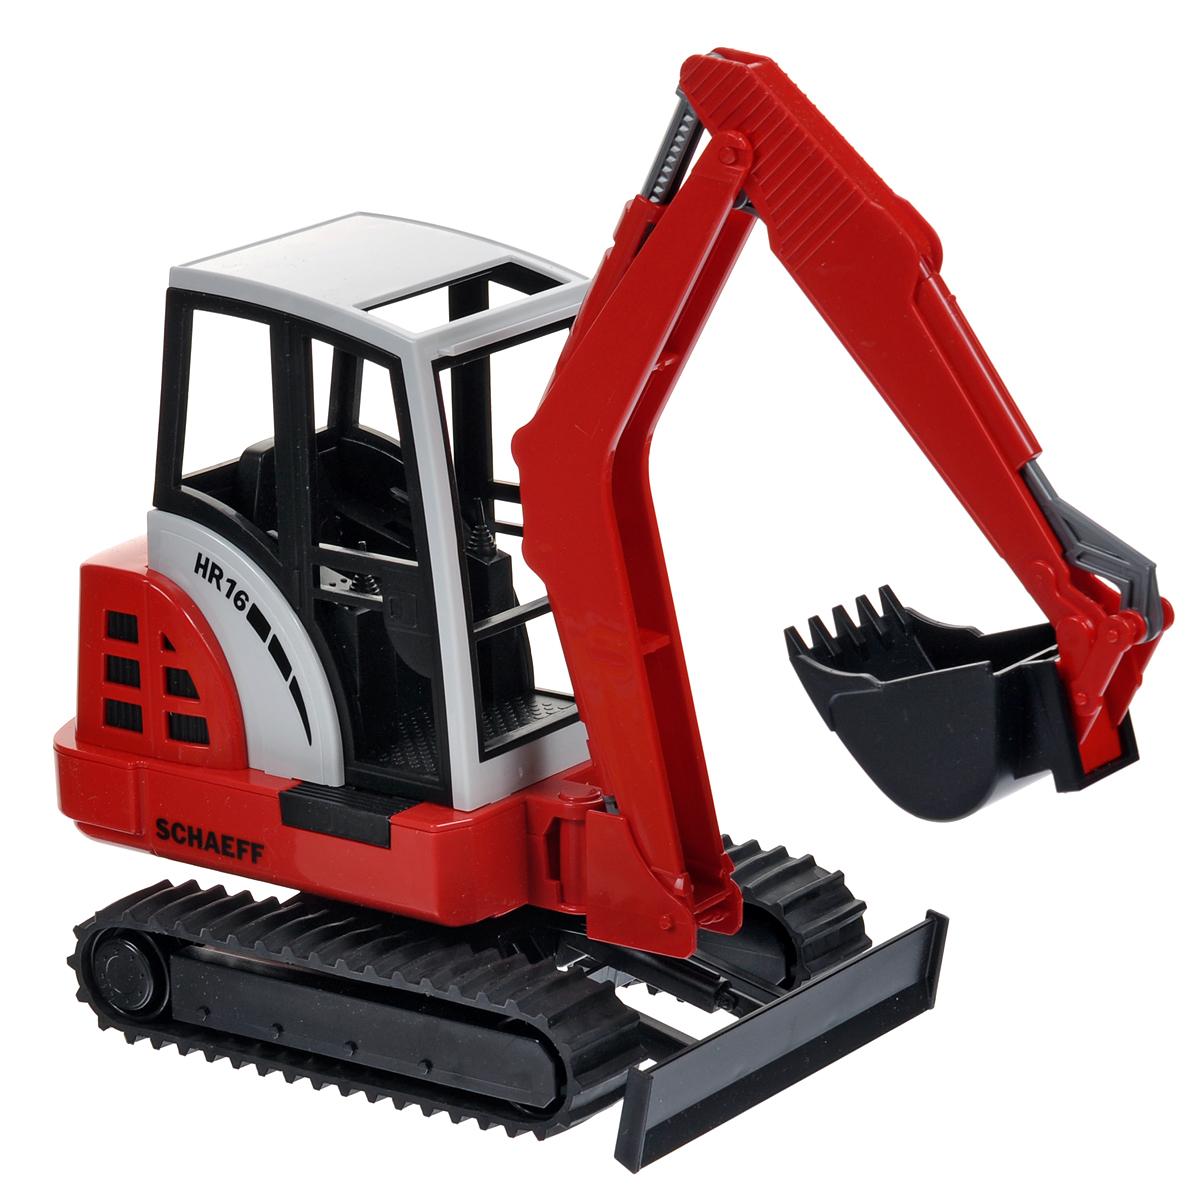 """Гусеничный мини-экскаватор Bruder """"Schaeff HR16"""", выполненный из прочного материала, отлично подойдет ребенку для различных игр. Машина является уменьшенной копией мини-экскаватора фирмы Schaeff. Экскаватор оснащен отвалом и ковшом, с помощью которых можно перемещать материалы (камушки, песок, веточки и др.), убирать строительный мусор или расчищать площадку. Кабина мини-экскаватора с резиновыми гусеницами поворачивается на 360°. В незастекленную кабину машины легко поместится небольшая игрушка. С этим реалистично выполненным экскаватором ваш малыш часами будет занят игрой."""